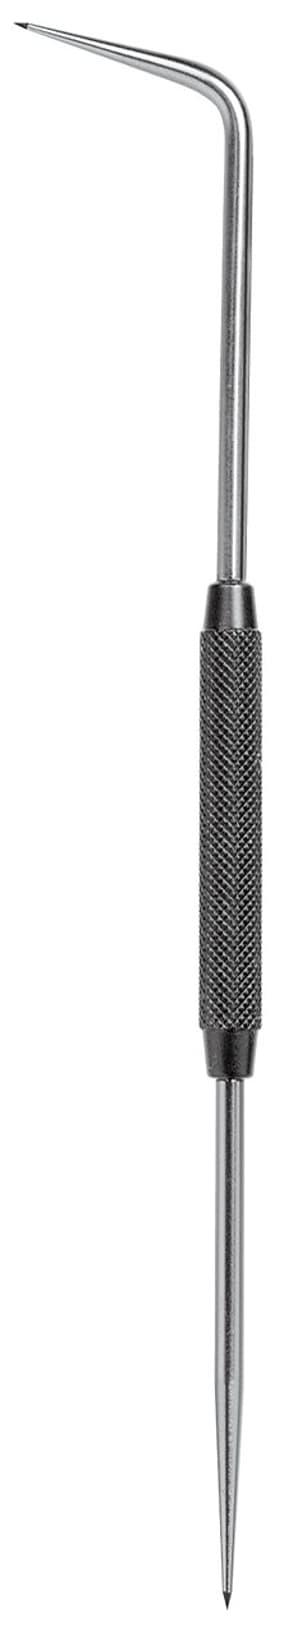 Pointe à tracer coudée PB700